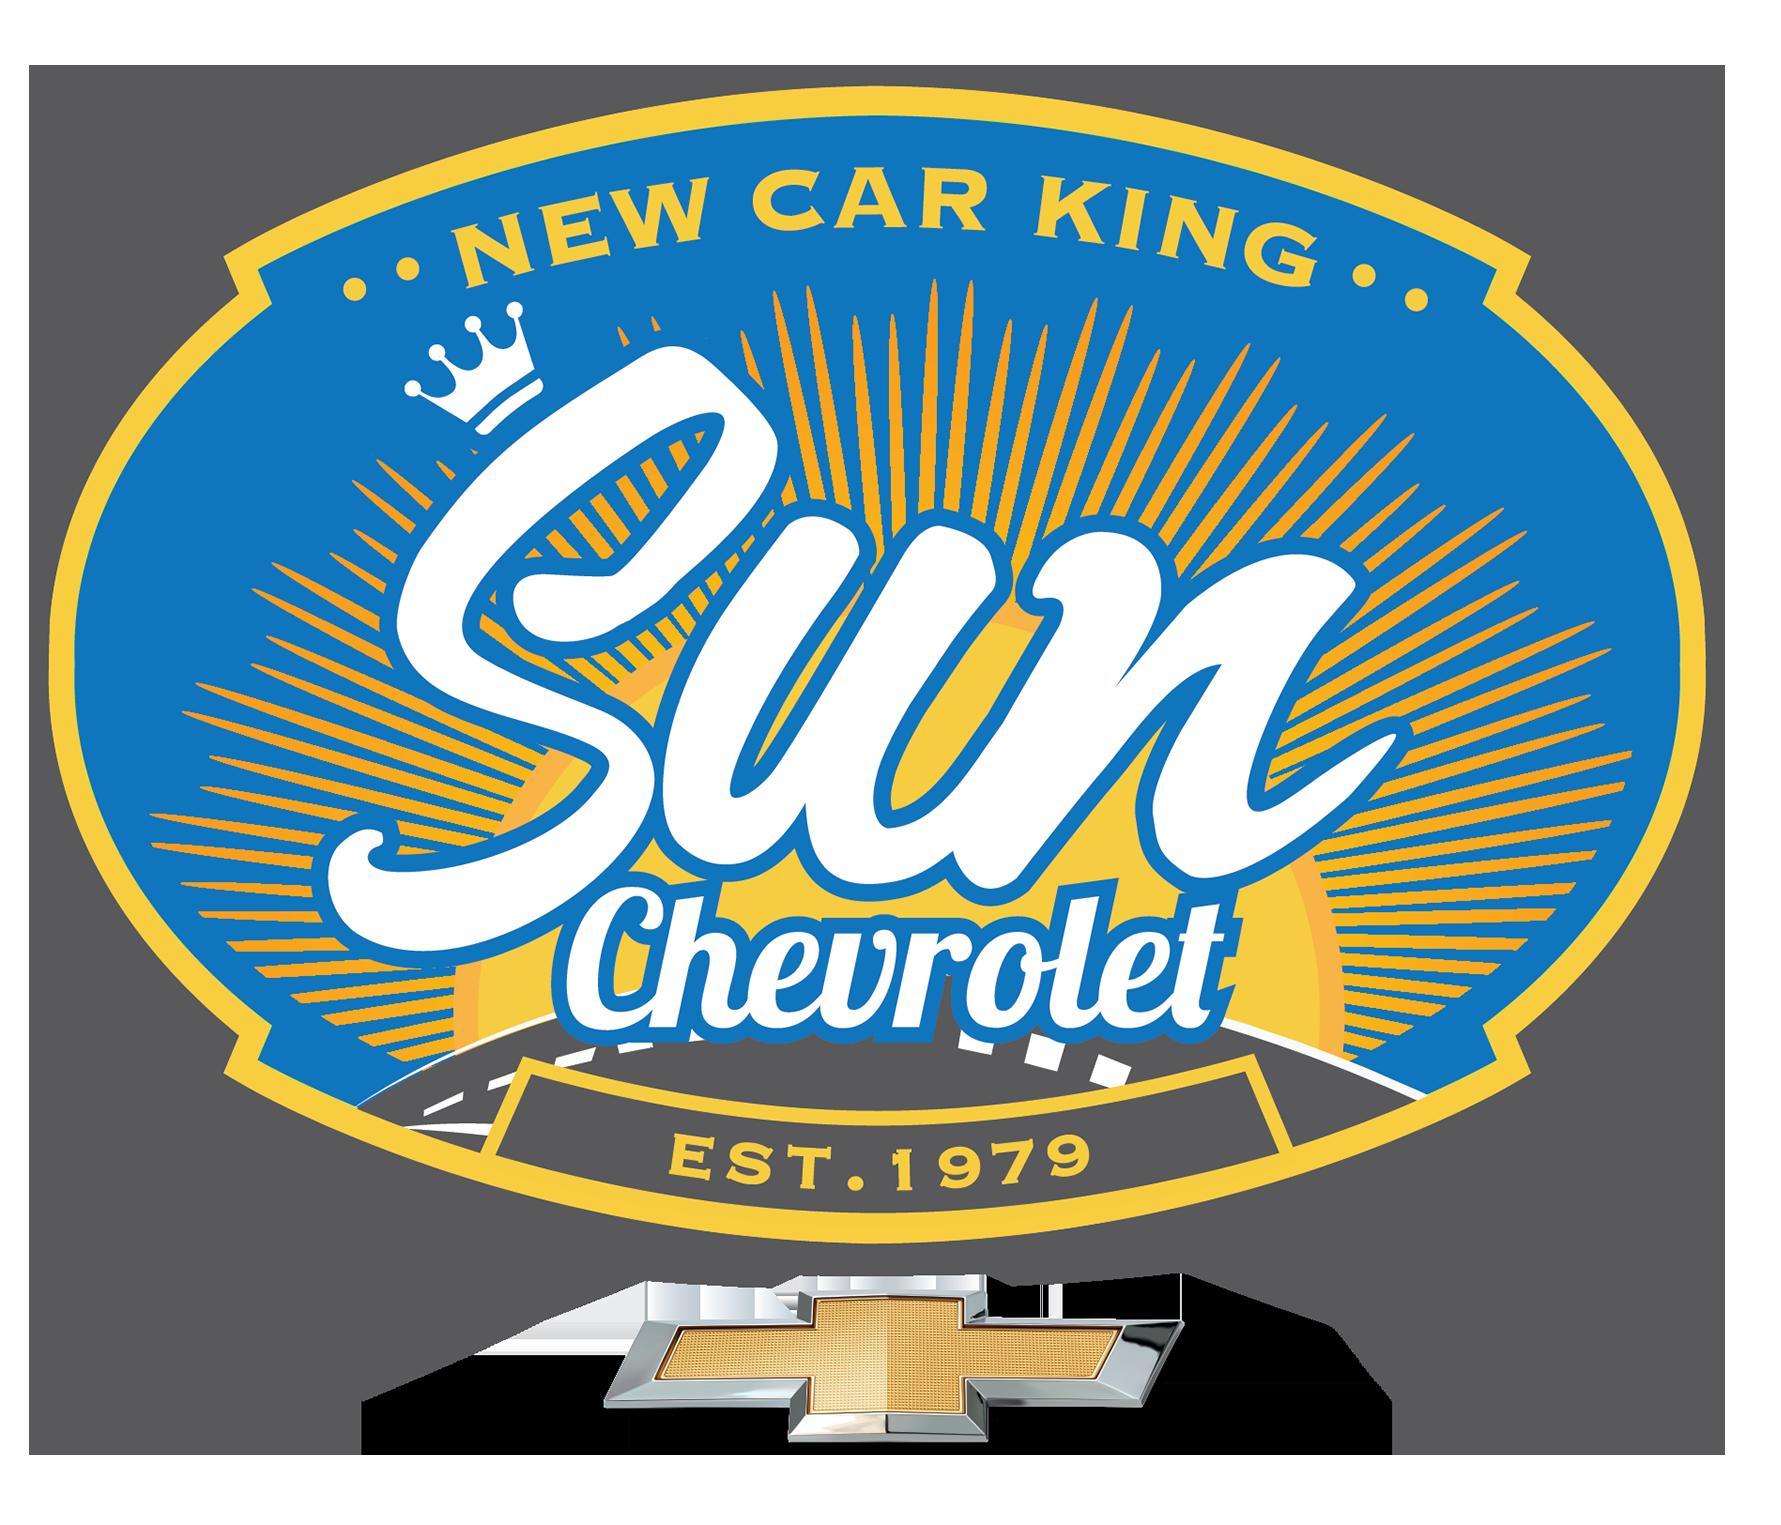 Sun Used Car King Cortland